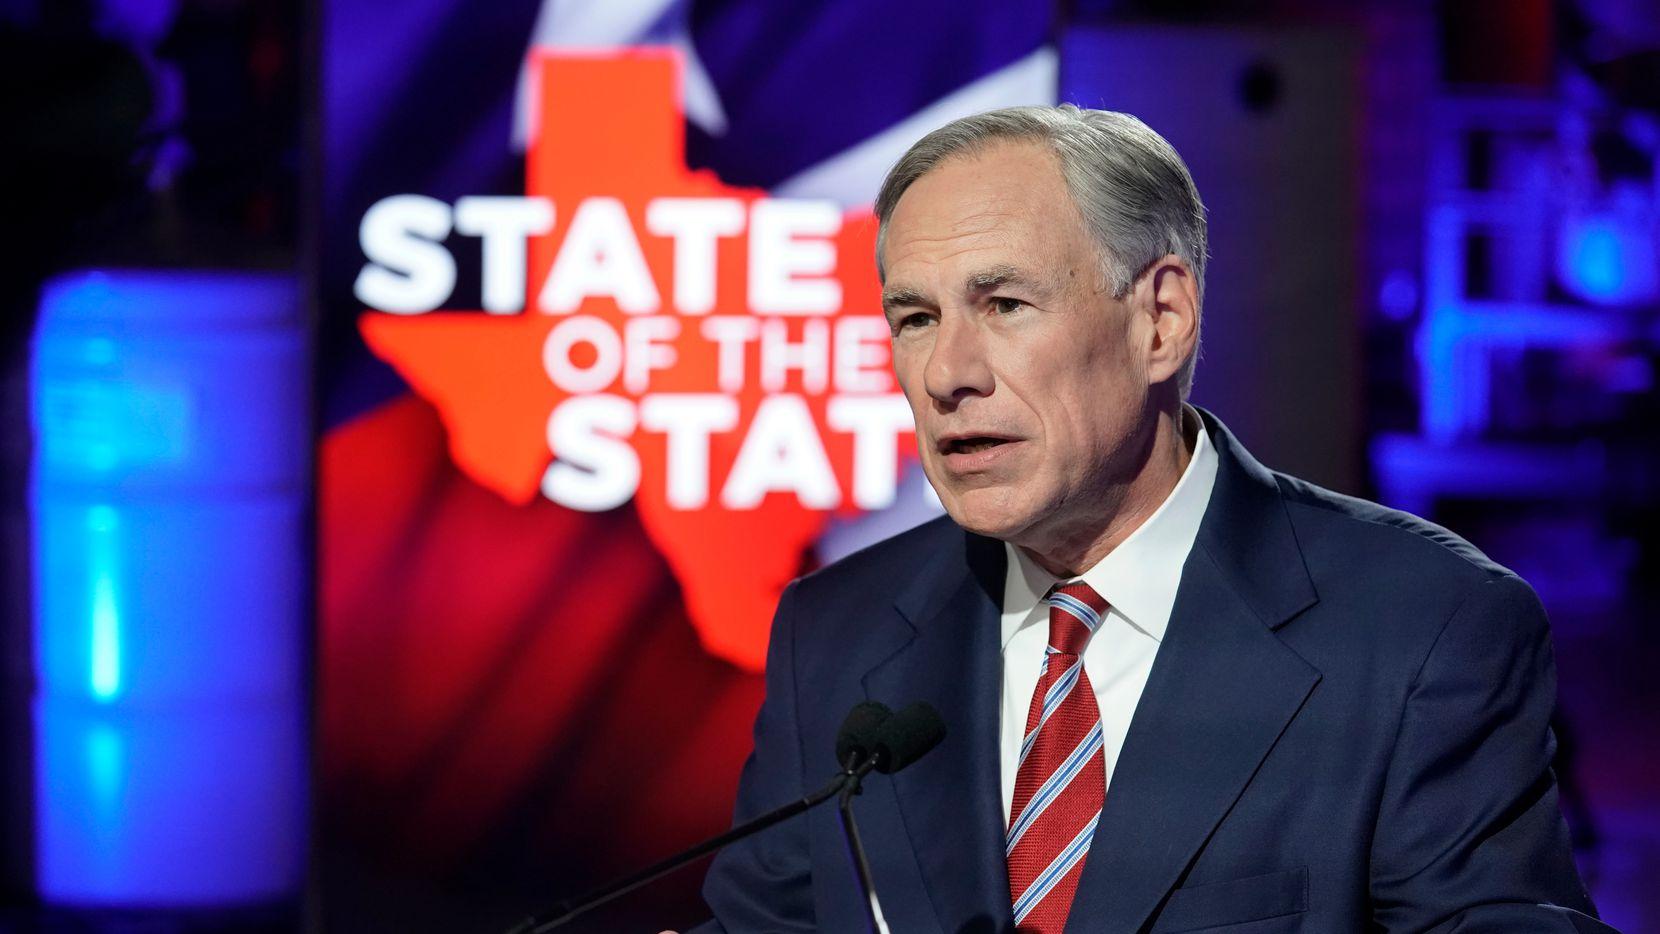 El gobernador Greg Abbott culpó a la energía de los molinos de viento y solar de los apagones en Texas. ERCOT admitió esta semana que las plantas fósiles de carbón, gas y de energía nuclear tenían sus instrumentos congelados.